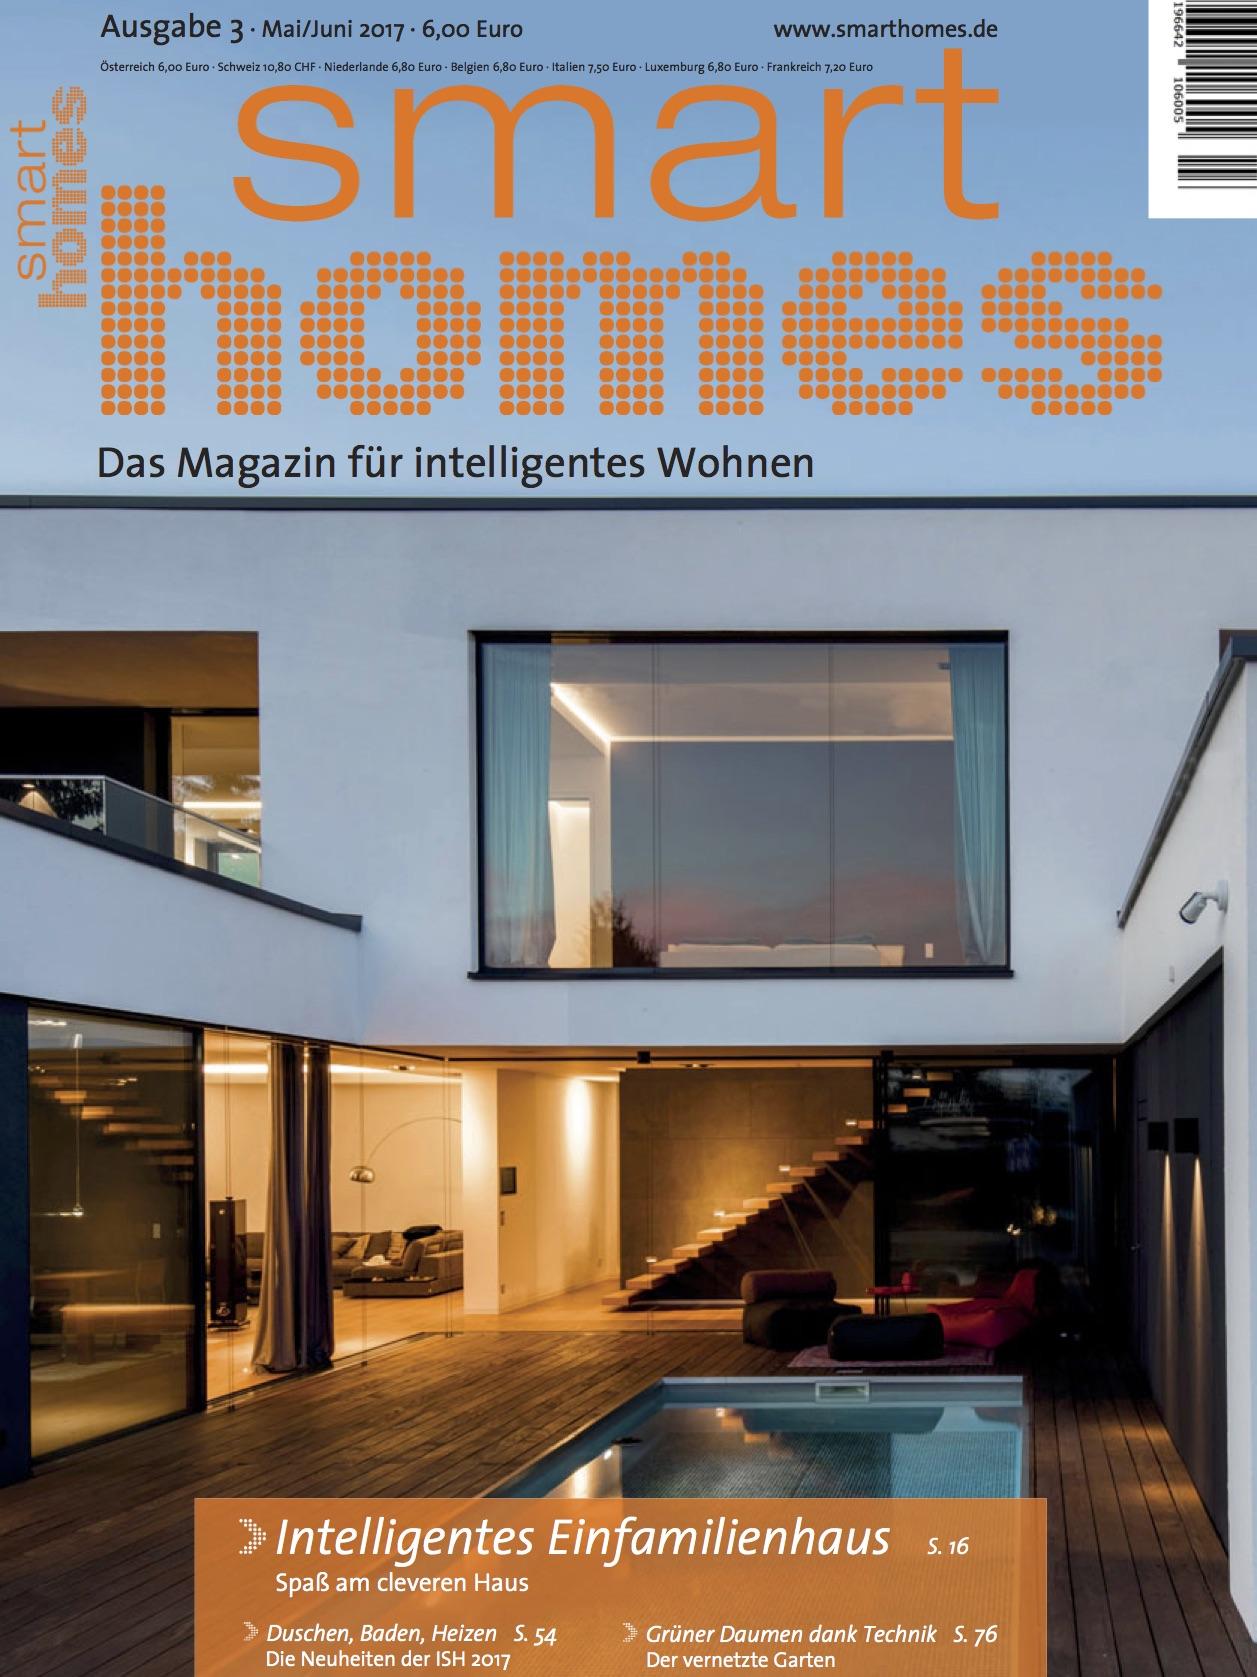 ausgaben archiv smart homes. Black Bedroom Furniture Sets. Home Design Ideas